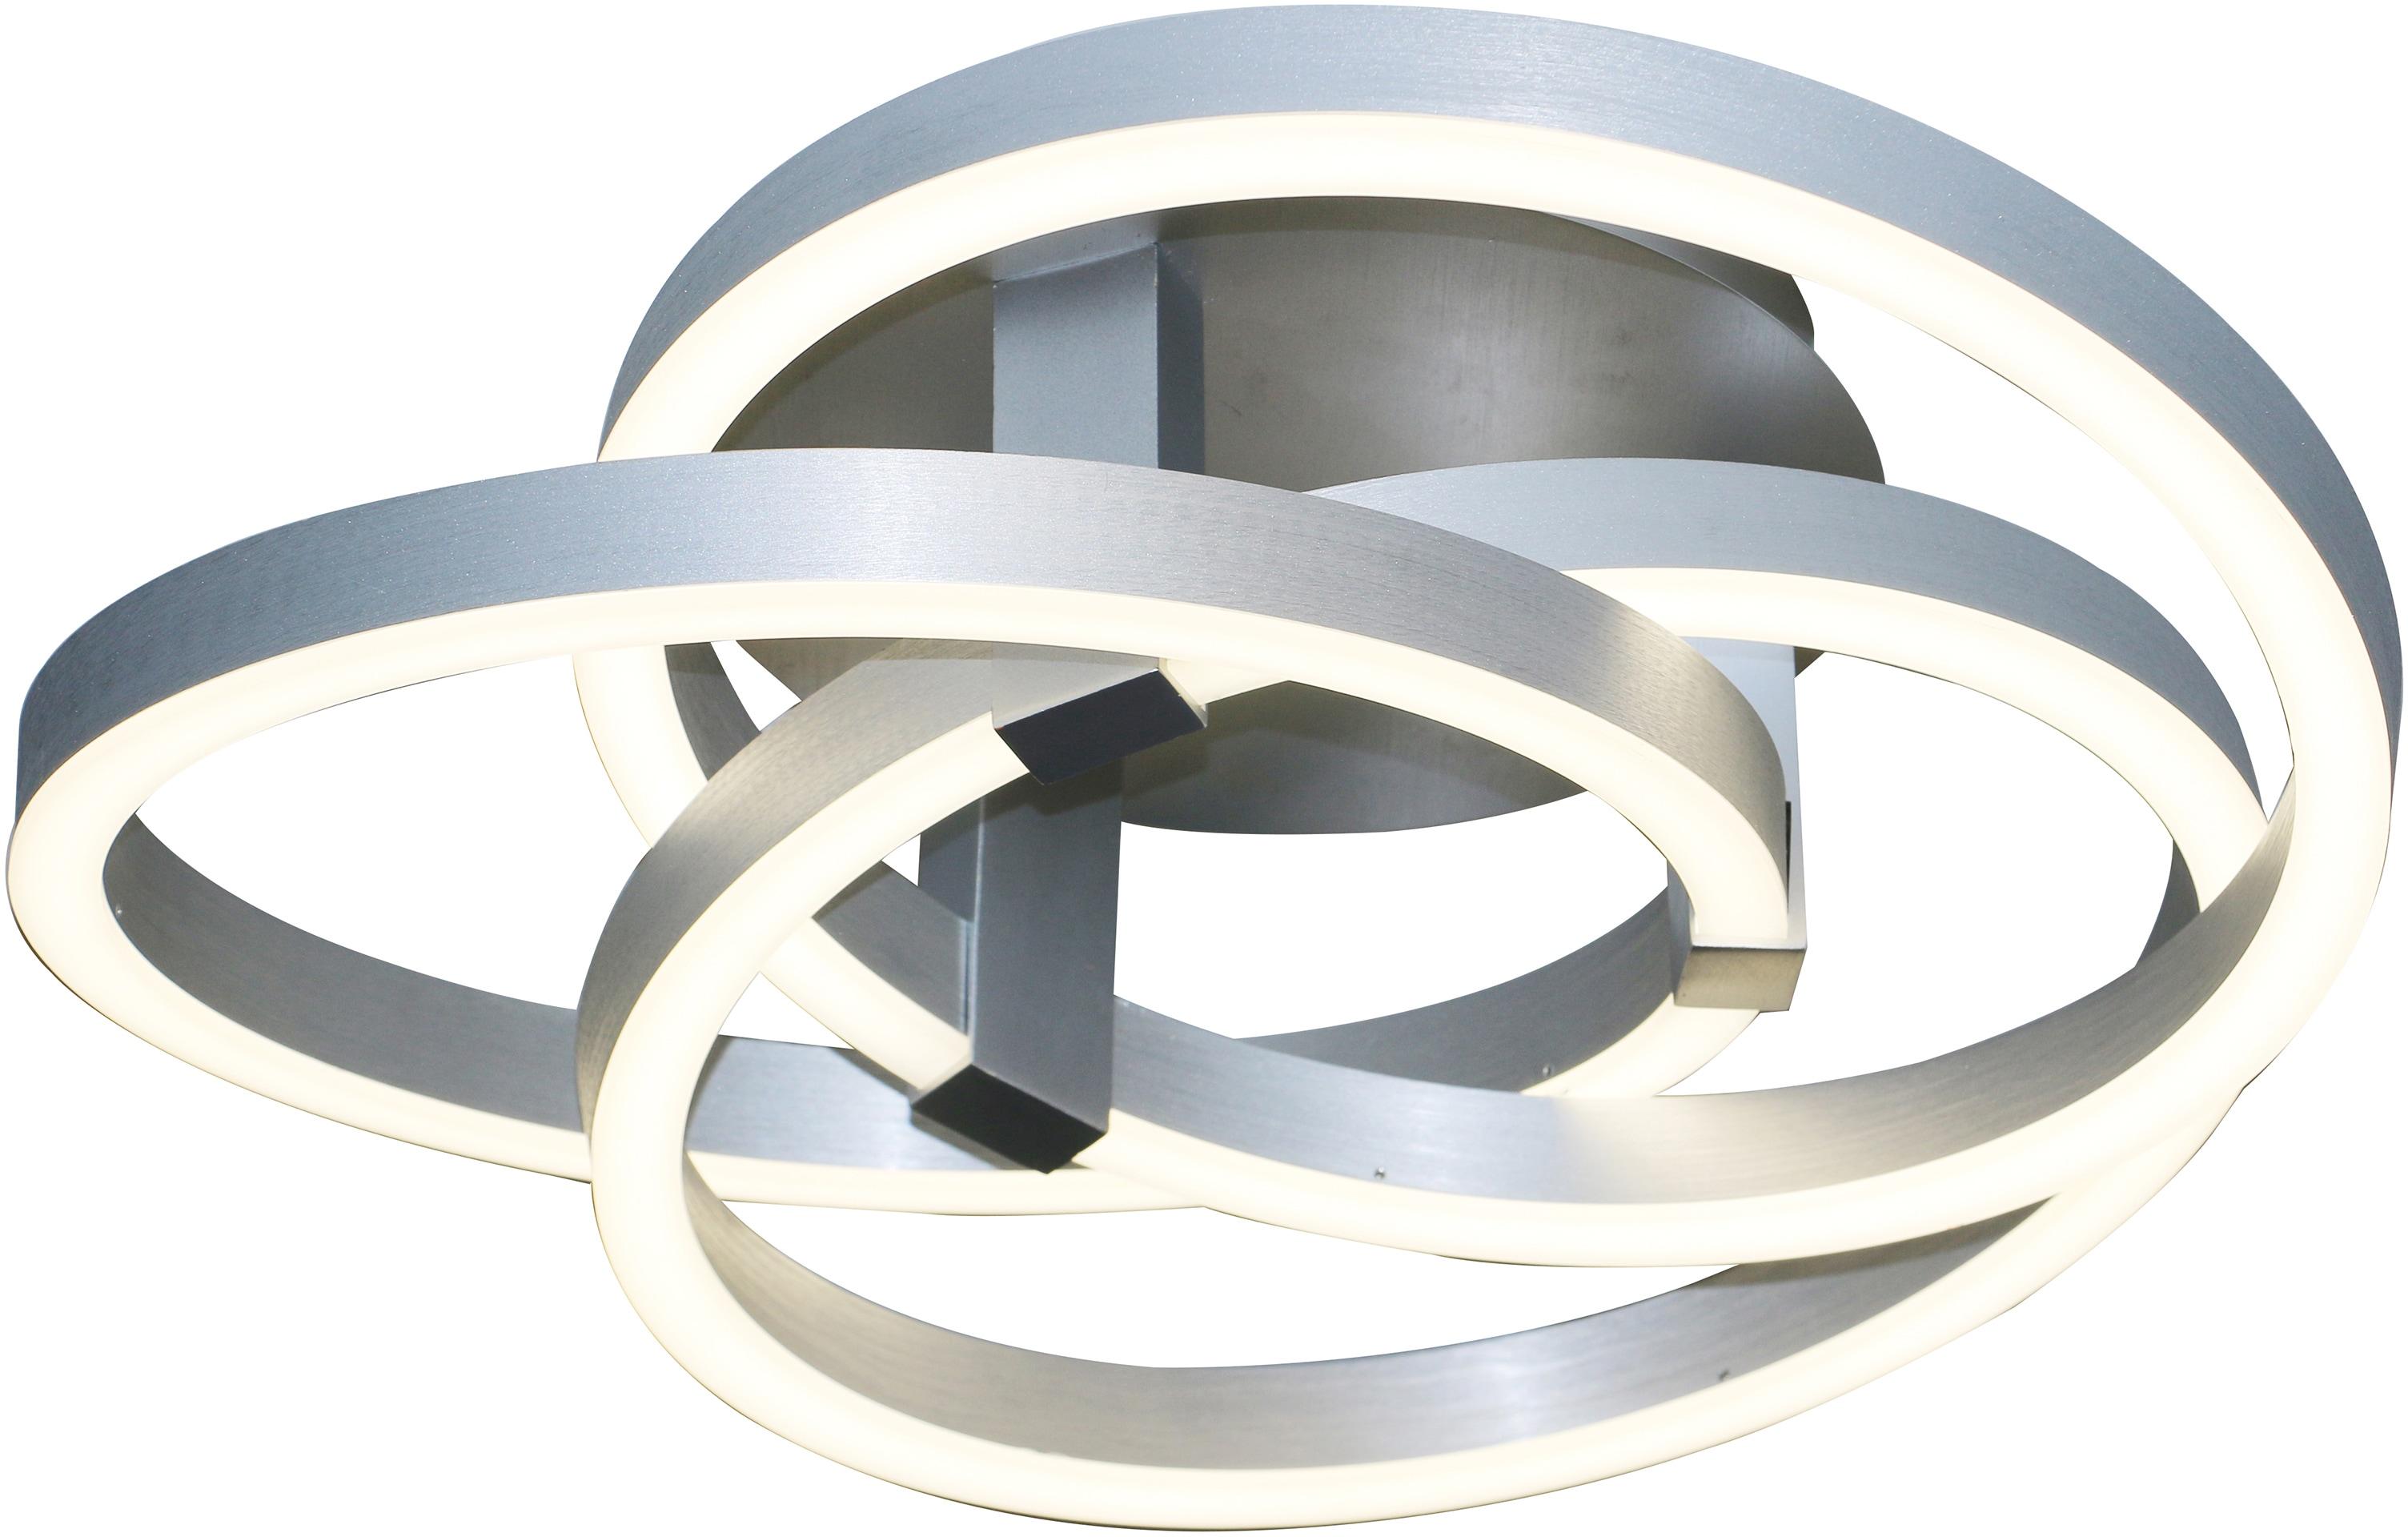 näve LED Deckenleuchte Divora, LED-Board, Kaltweiß-Neutralweiß, LED Deckenlampe